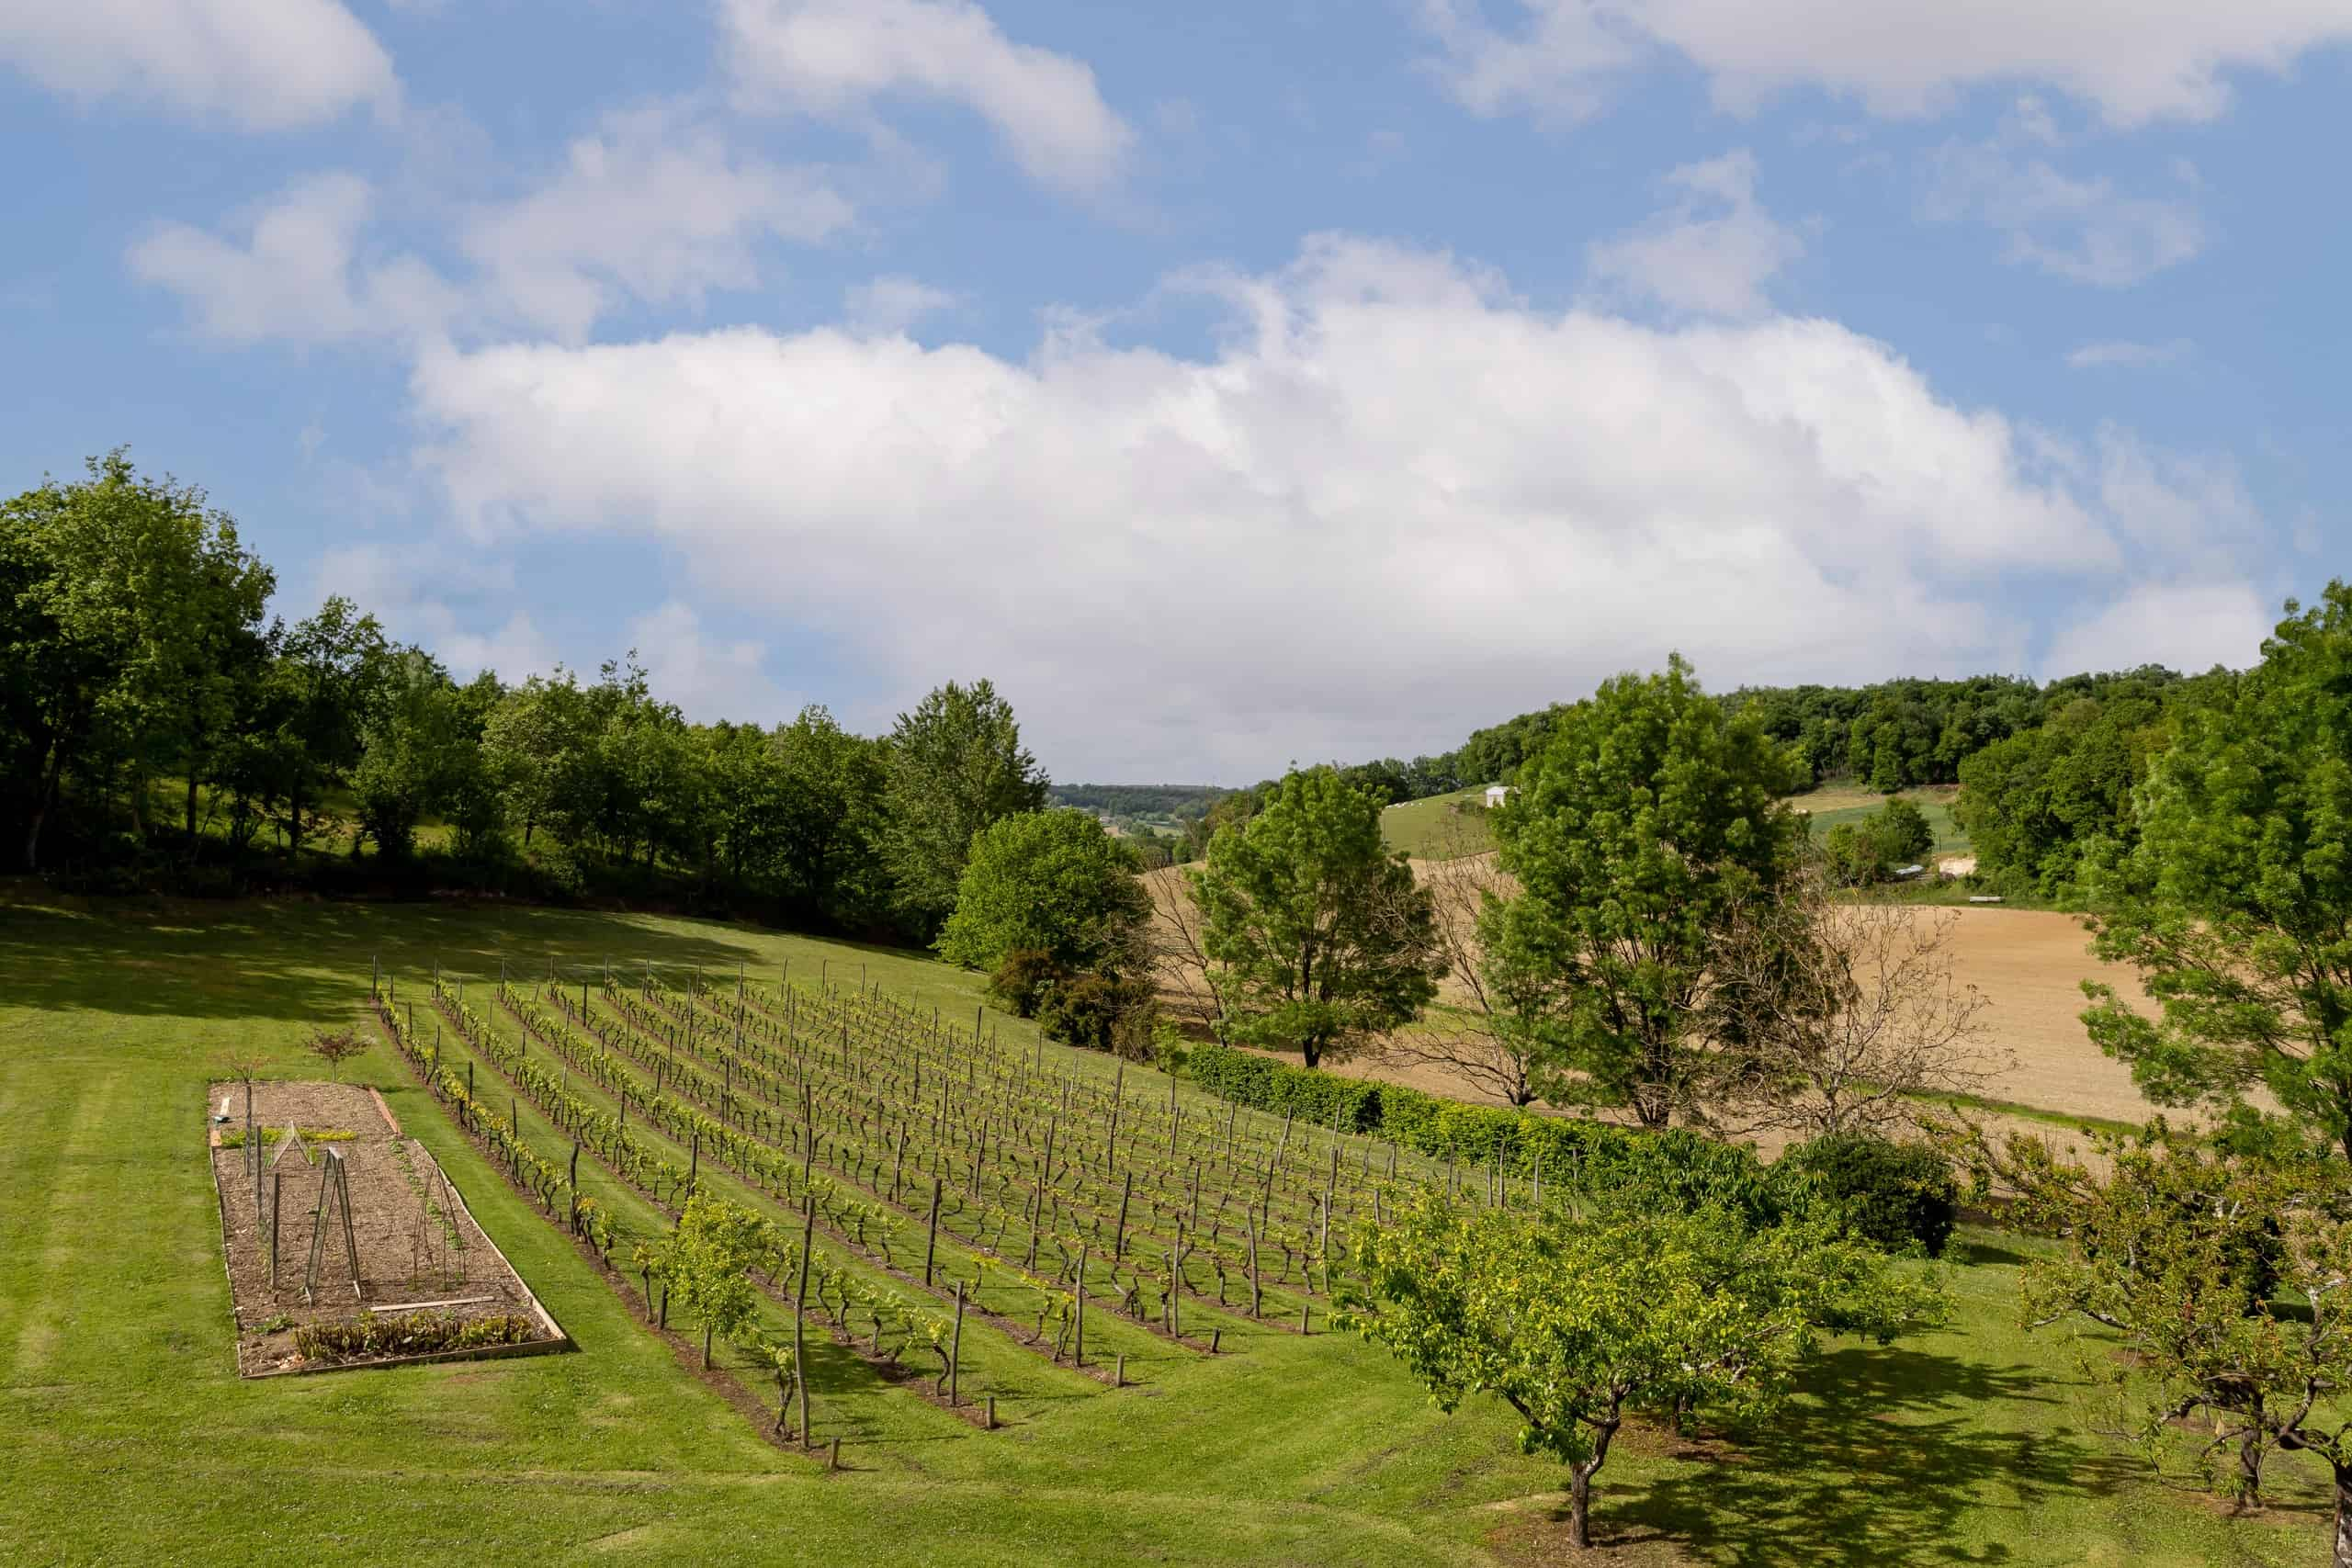 Vue sur la vigne-WMC073